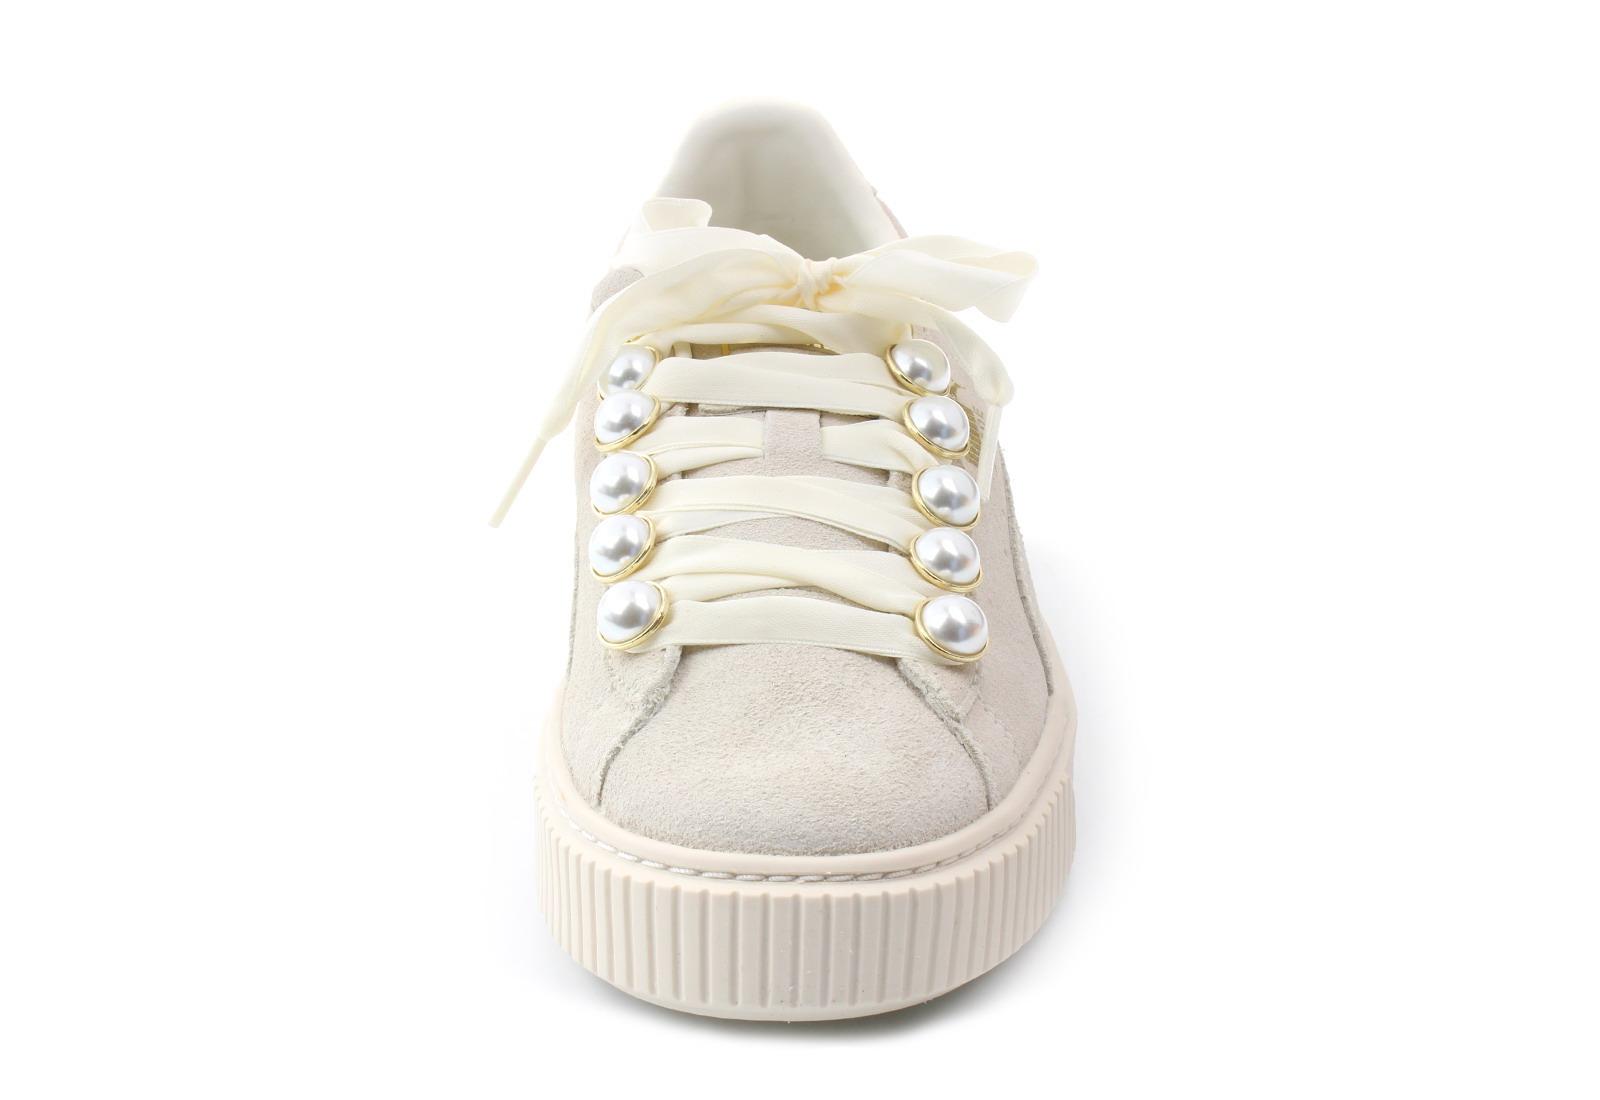 Puma Cipő - Suede Platform Bling Wns - 36668802-wht - Office Shoes ... 6d009e3bbf